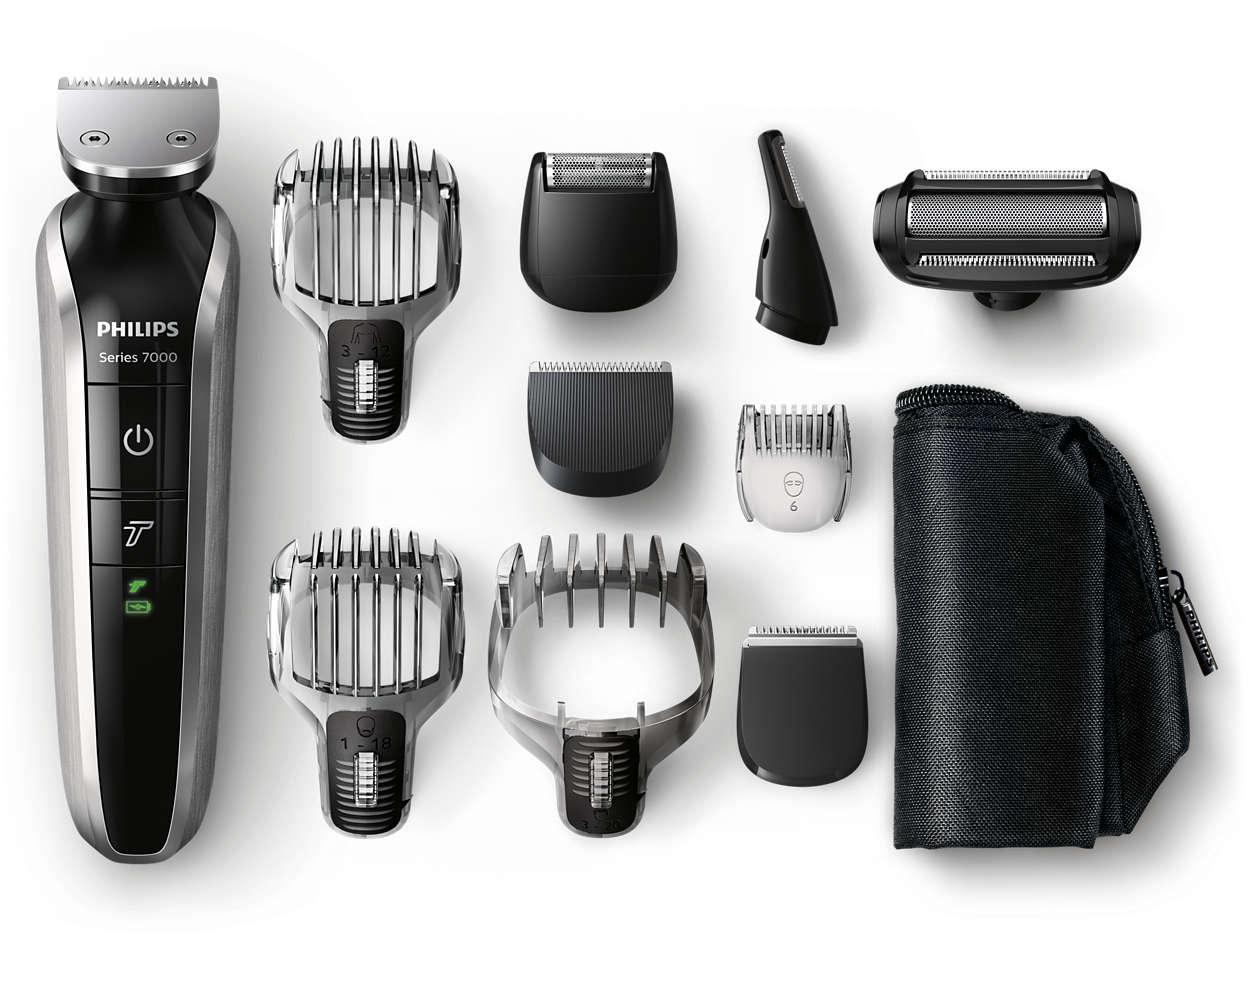 Tondeuse pour la barbe, les cheveux et le corps tout-en-un